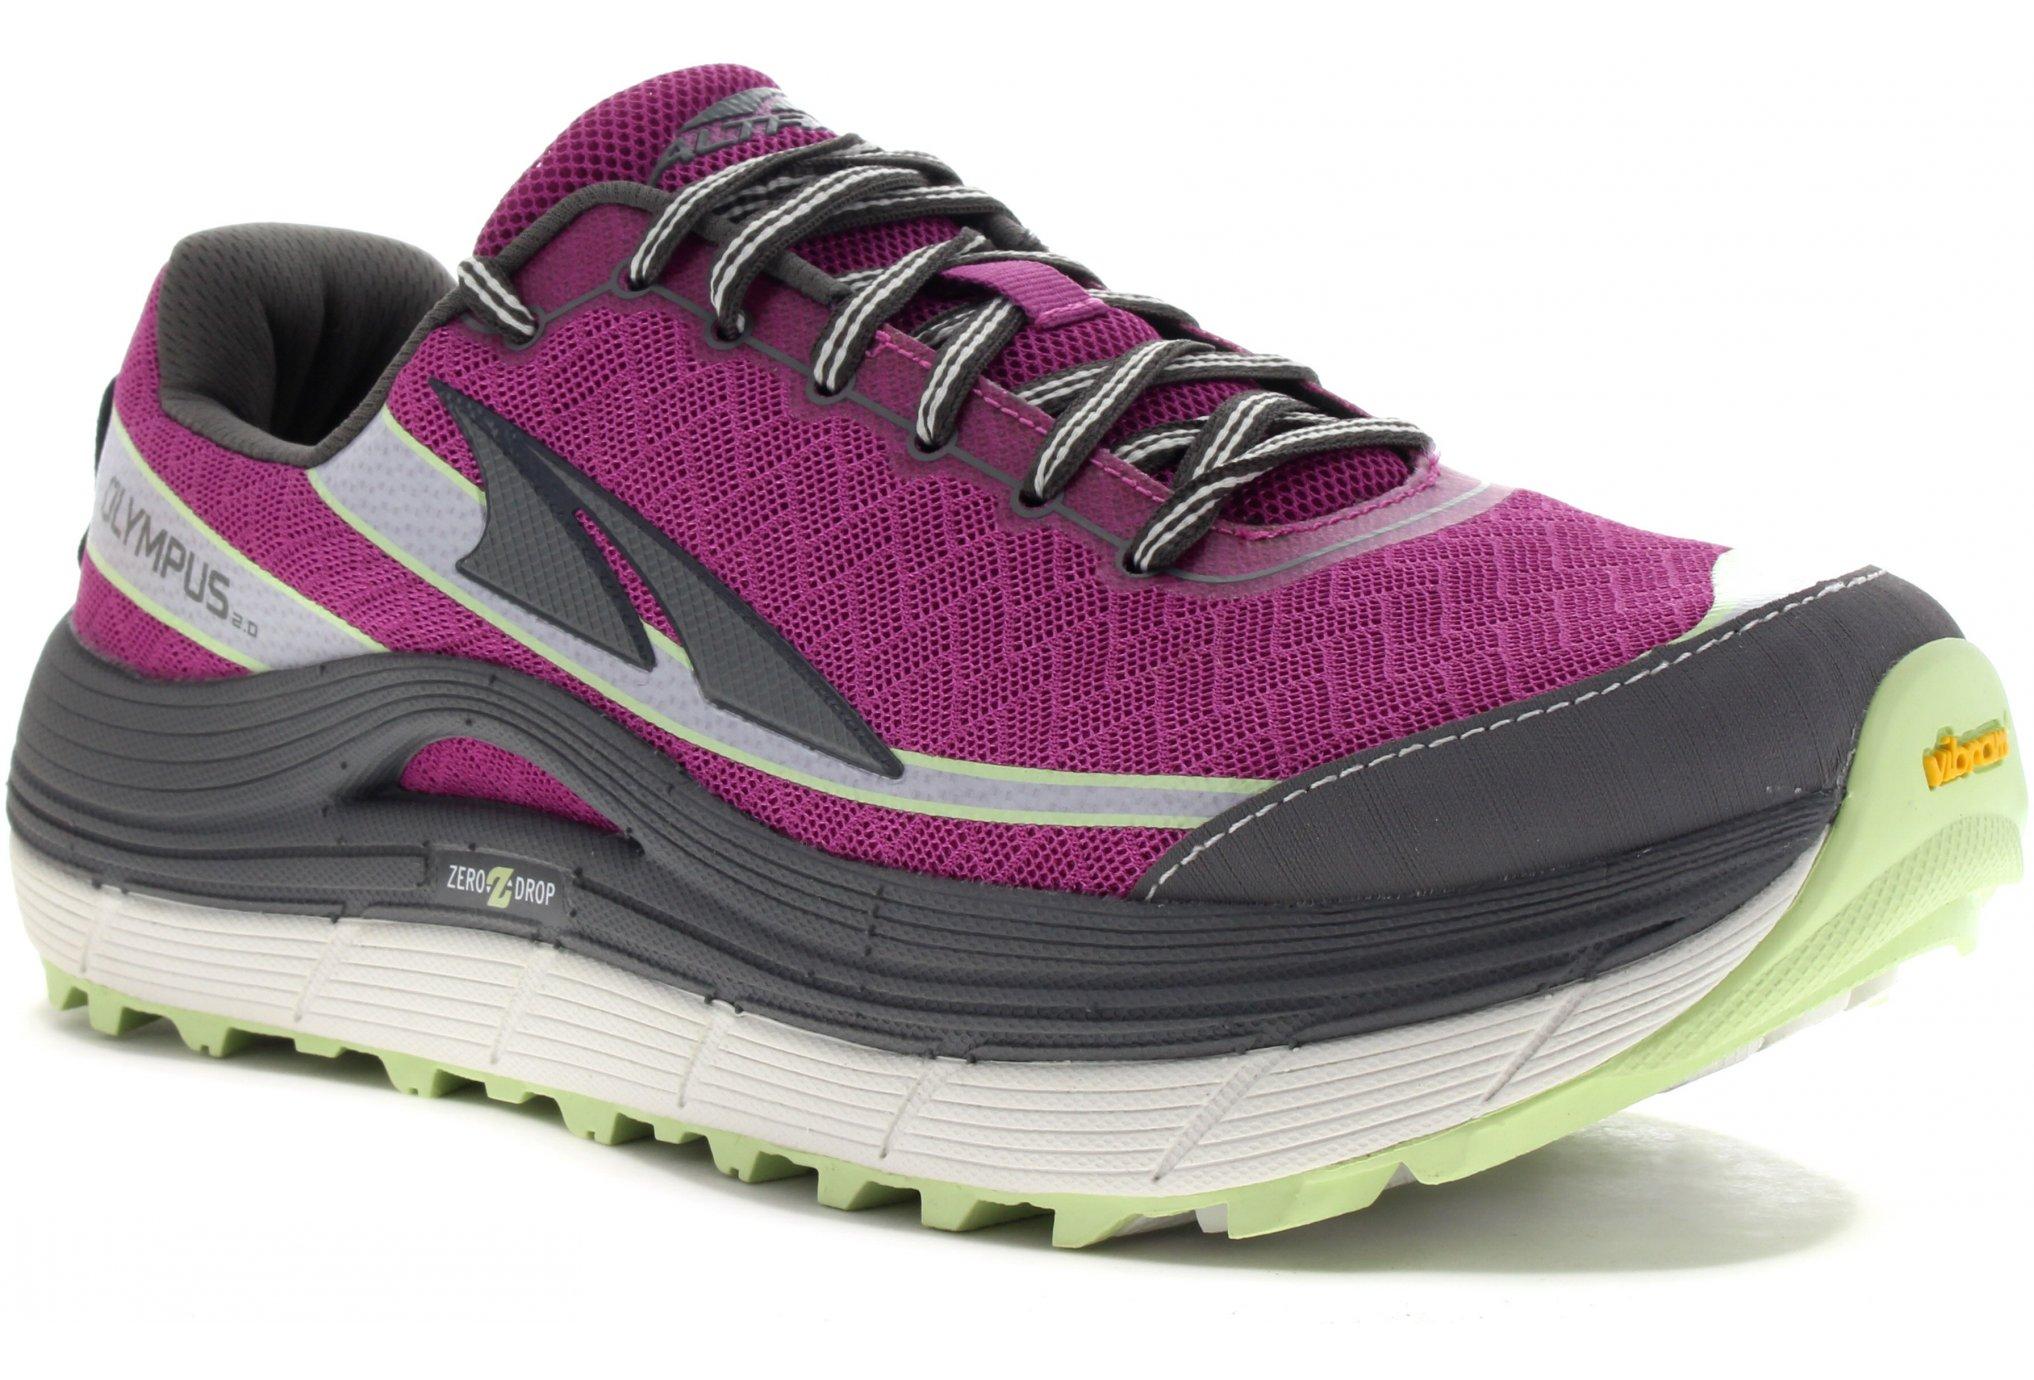 Altra The Olympus 2.0 W Diététique Chaussures femme